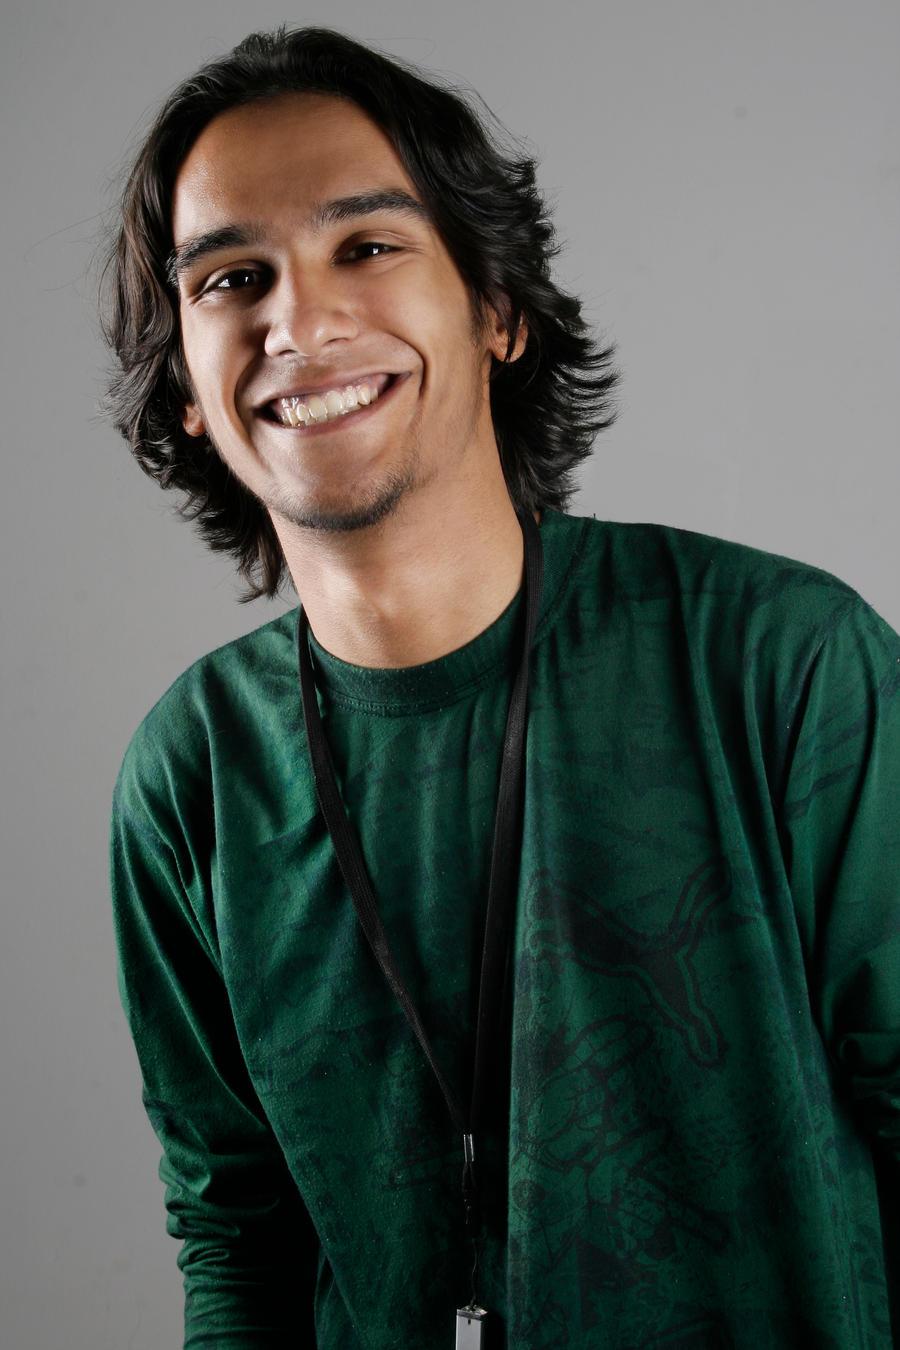 DougAzevedo's Profile Picture